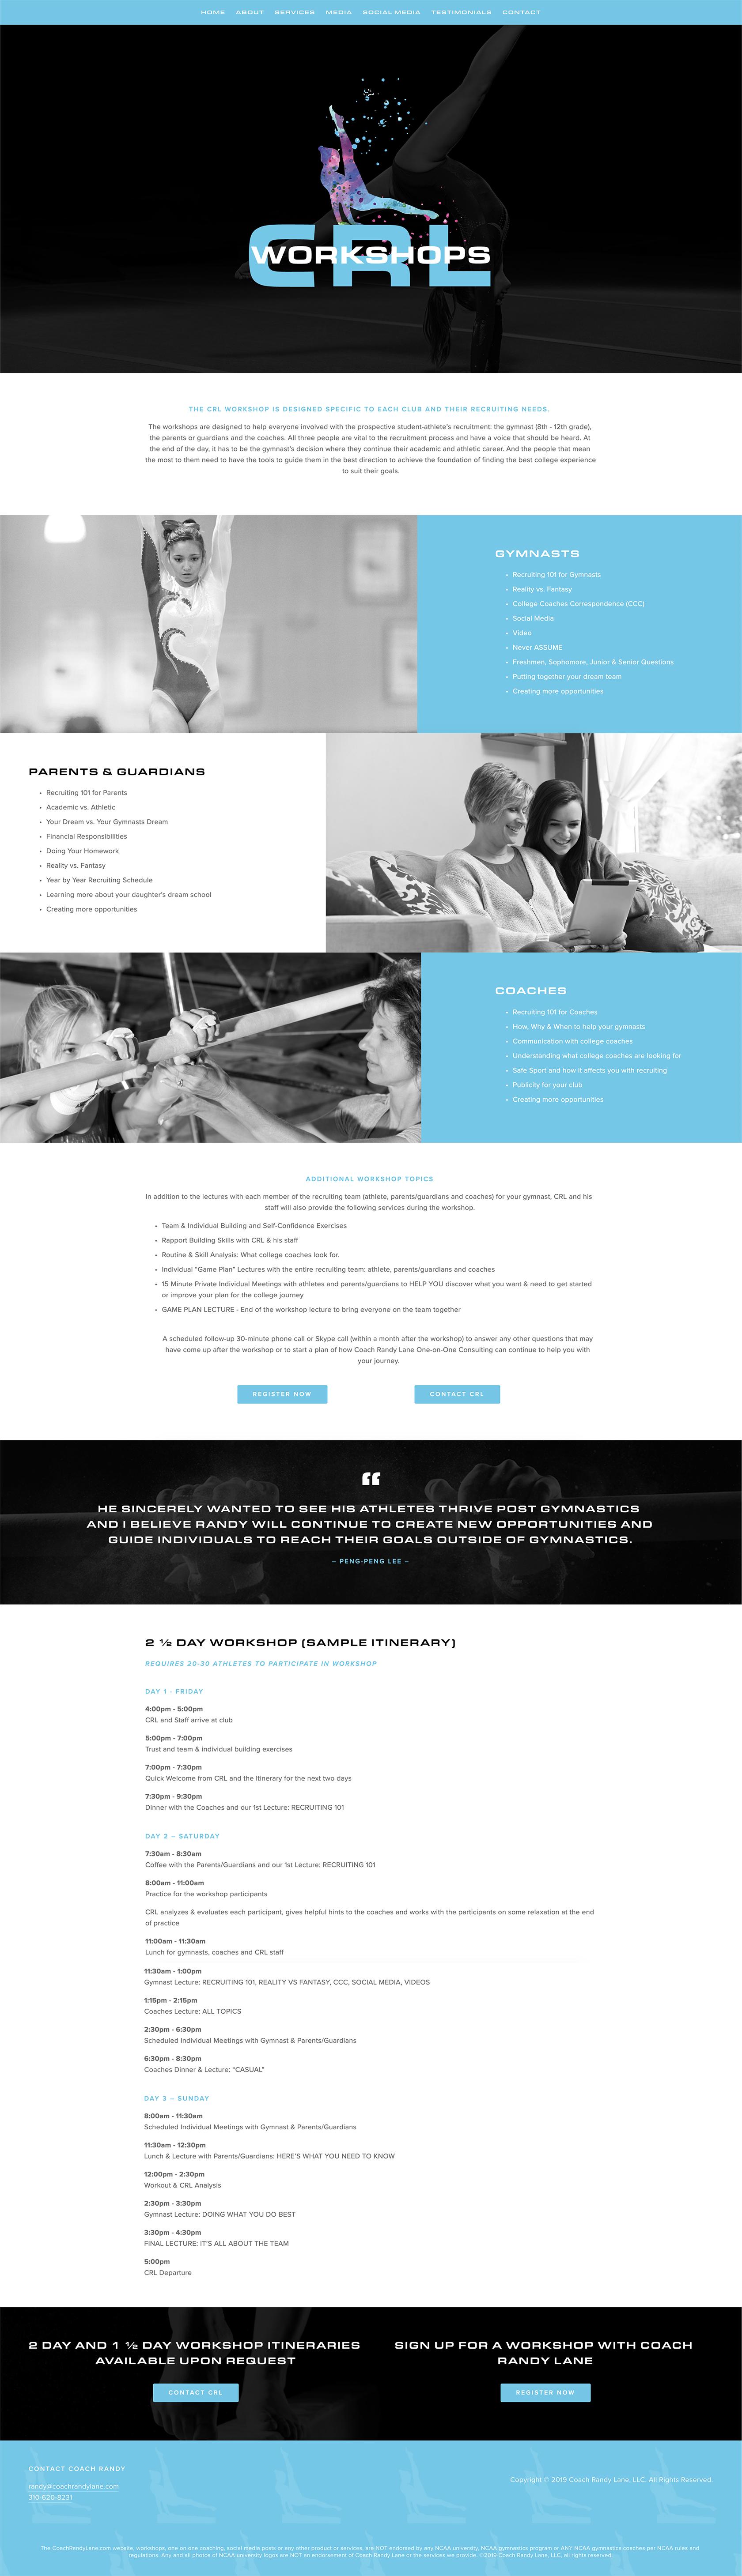 CRLWorkshops.jpg